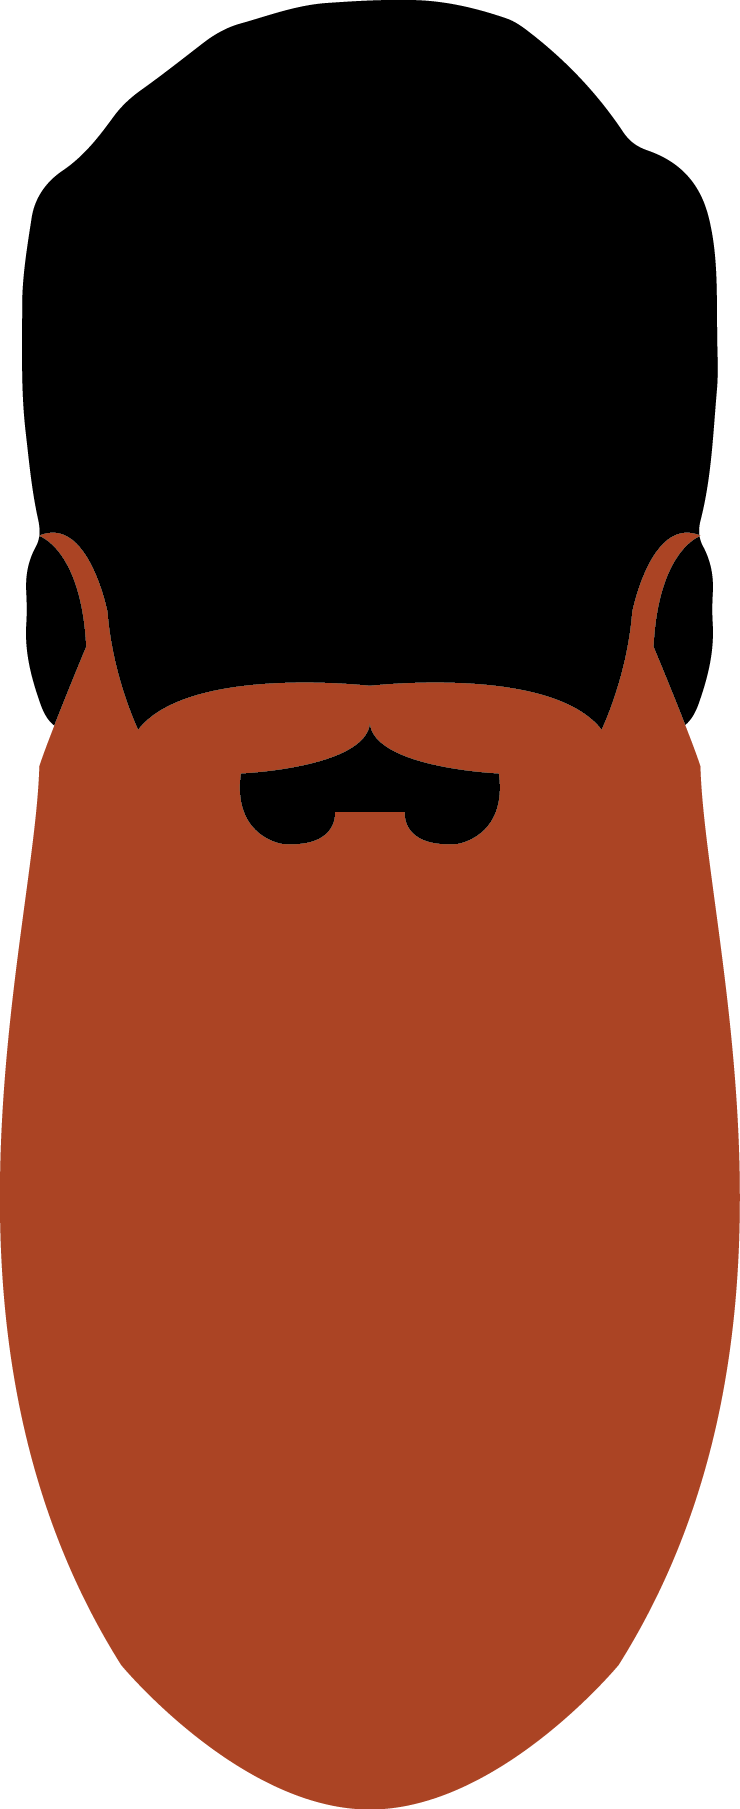 19. Natural Full Beard 30.1 cm - 45cm